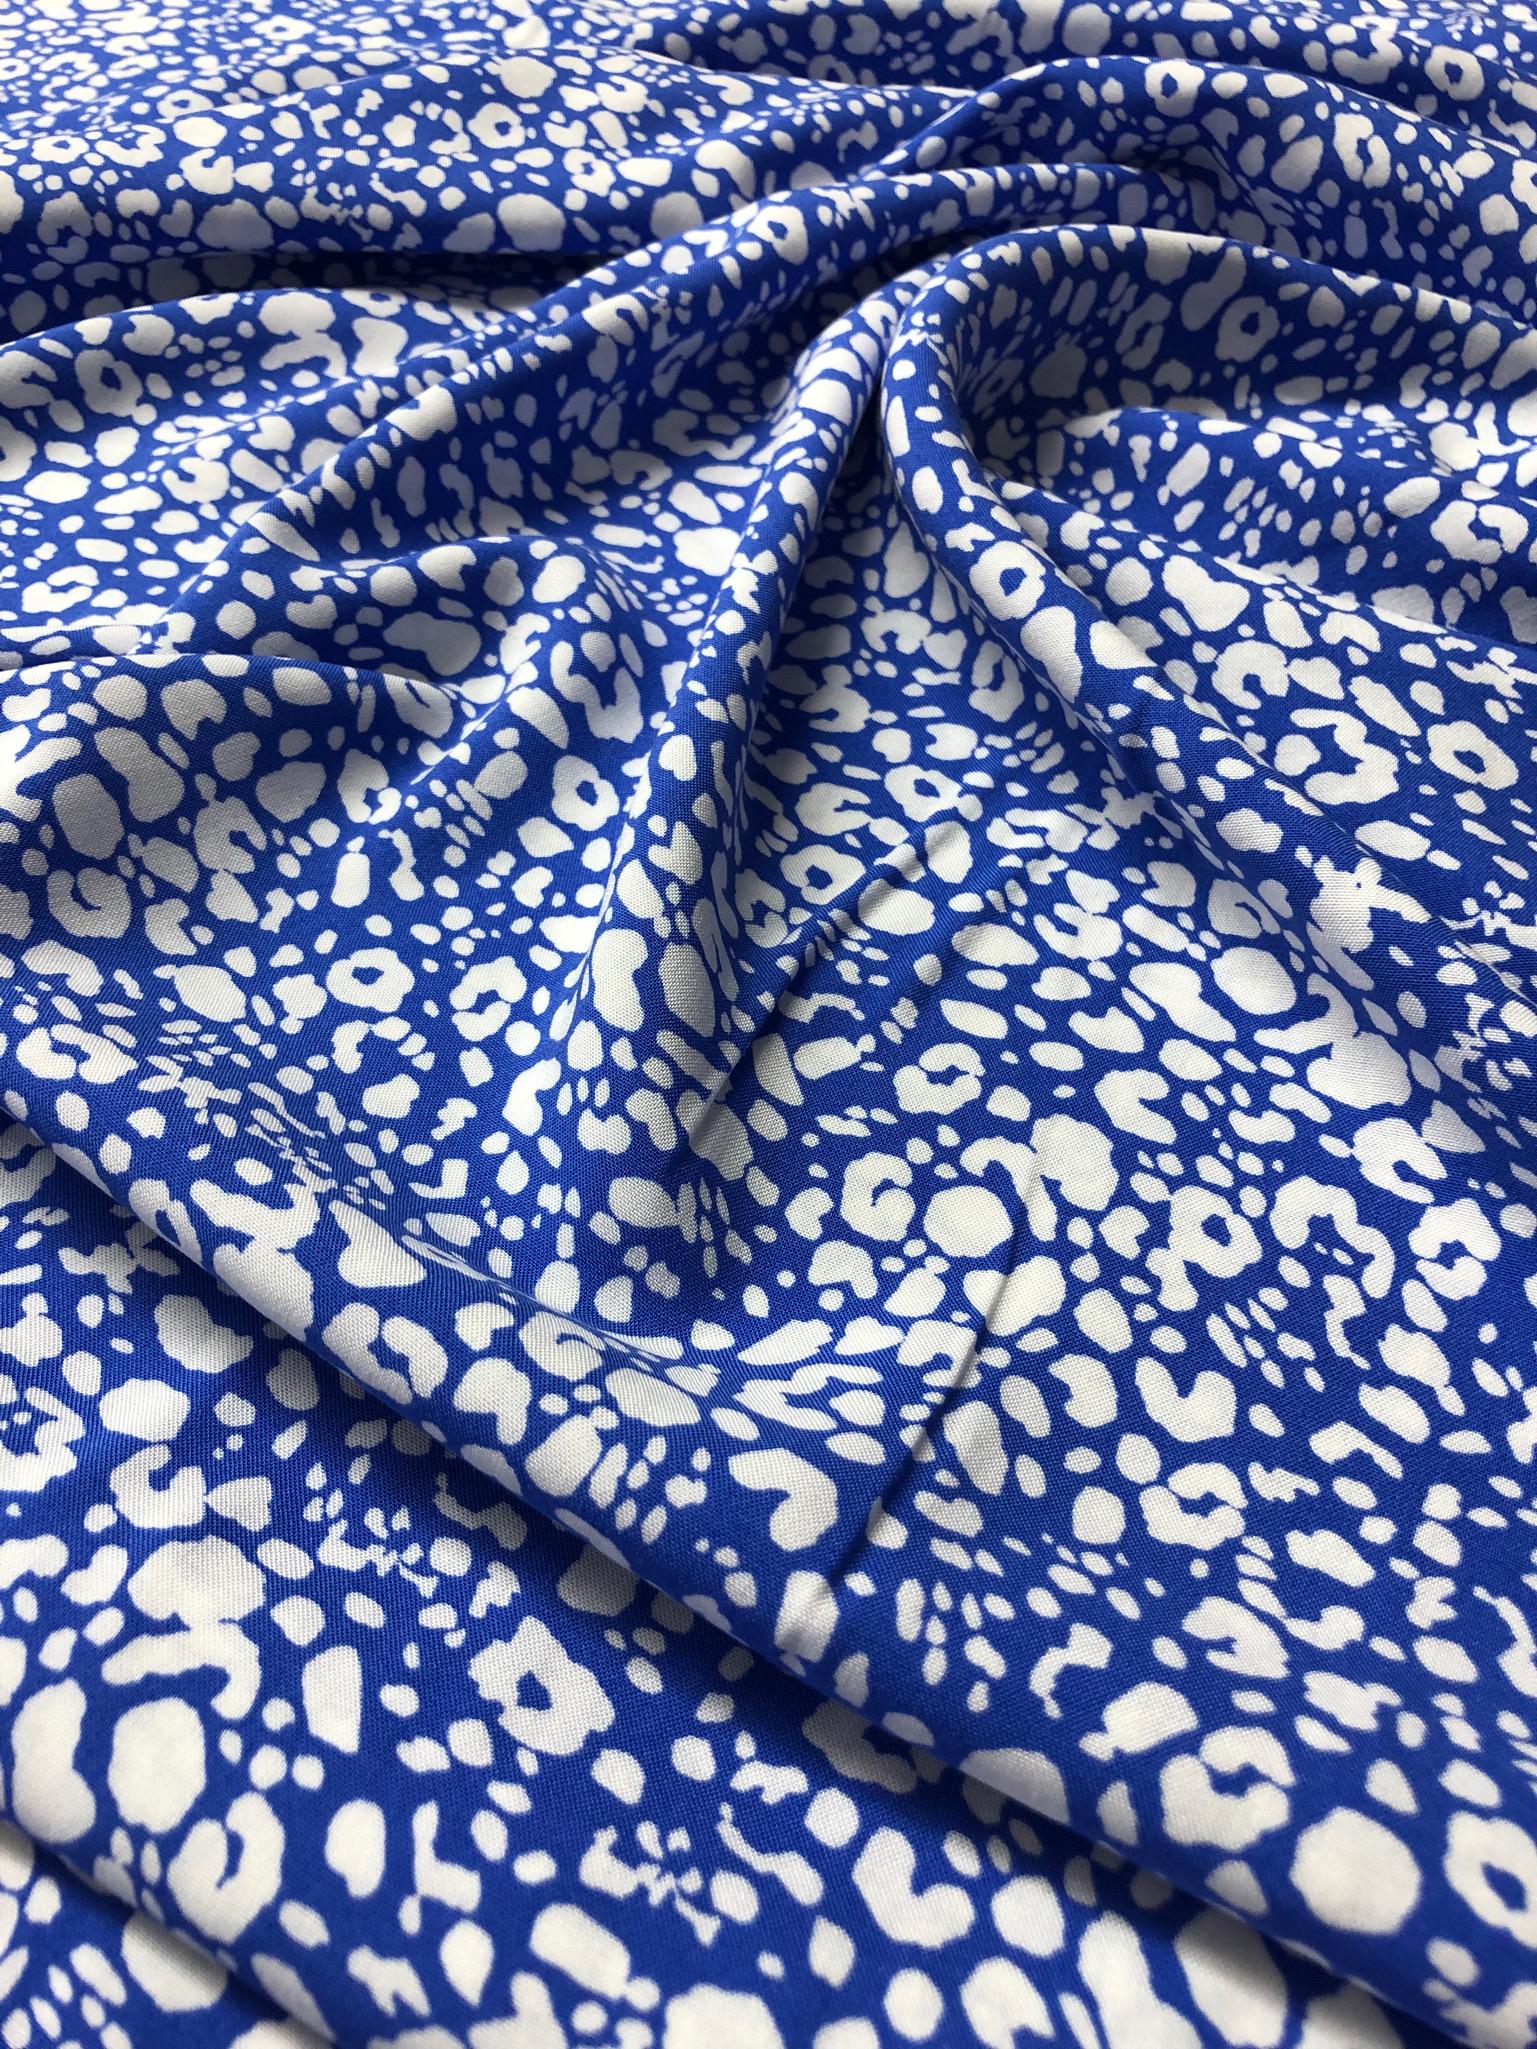 Blue Leopard Viscose